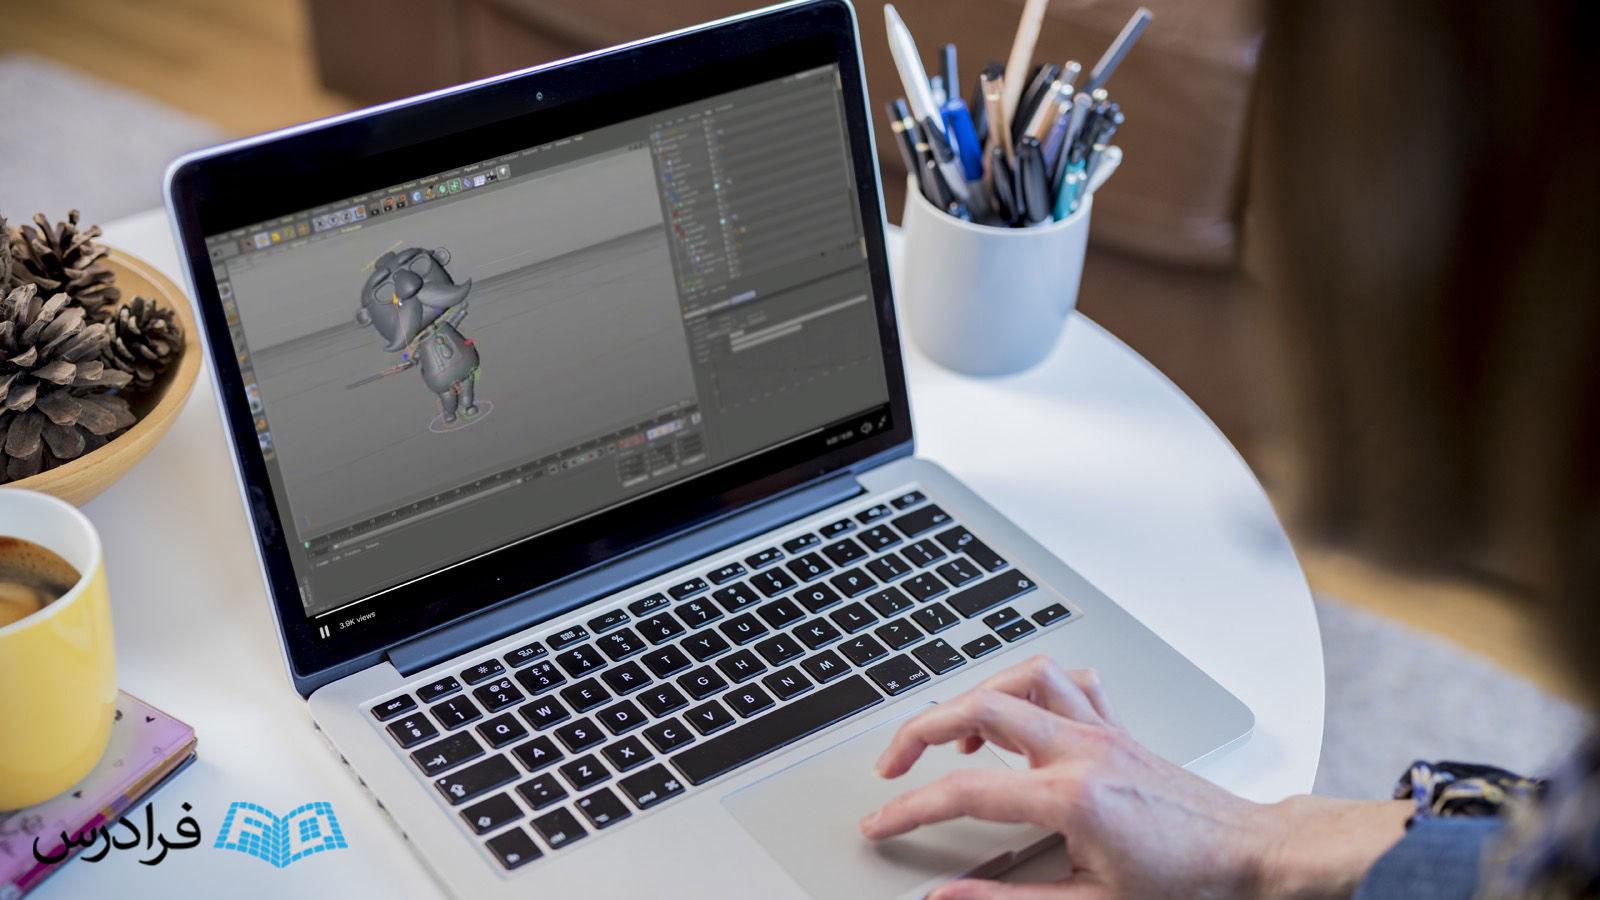 animators 3 1 - چگونه فیلم انیمیشن بسازیم؟ ابزار ها و مهارت های لازم چه هستند؟